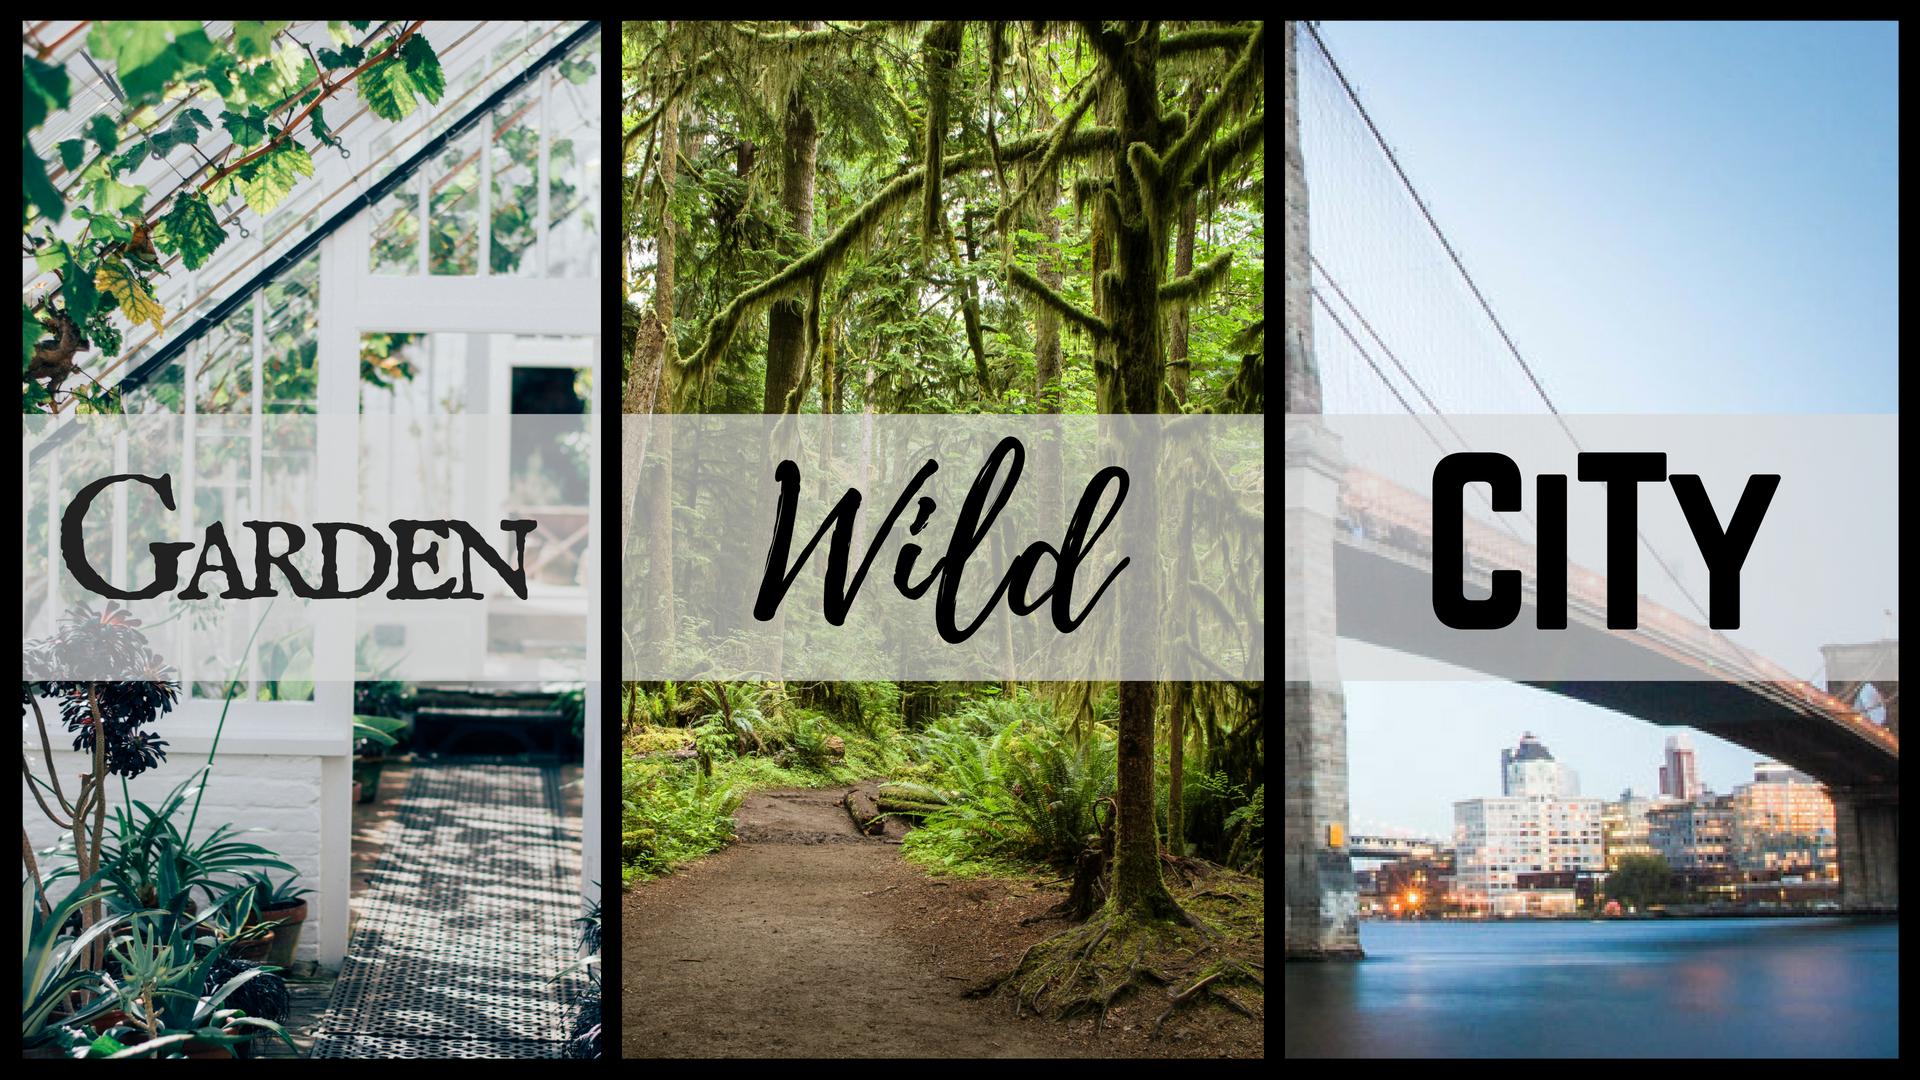 Garden Wild City.png